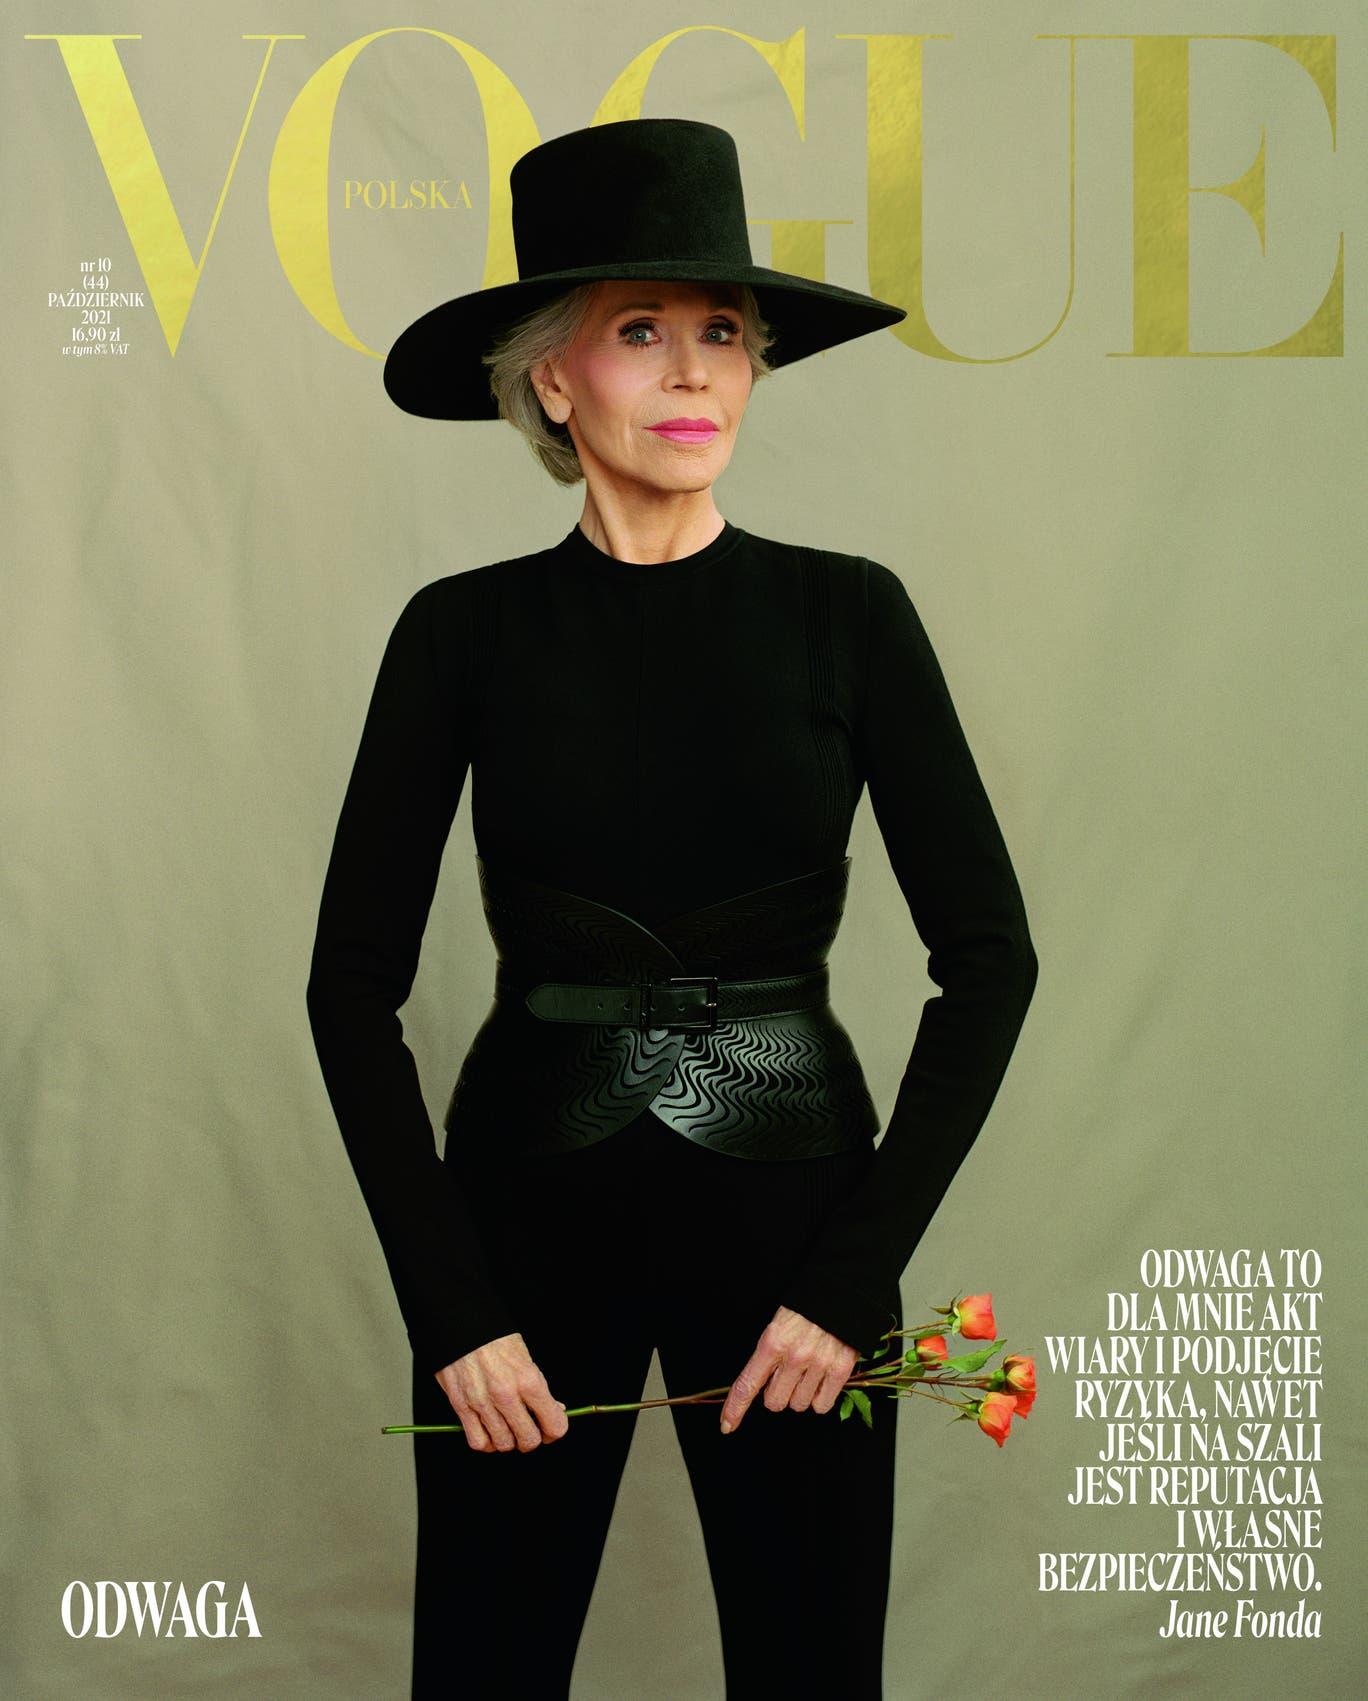 Diễn viên Jane Fonda trên bìa Vogue số tháng 10. Ảnh: Vogue